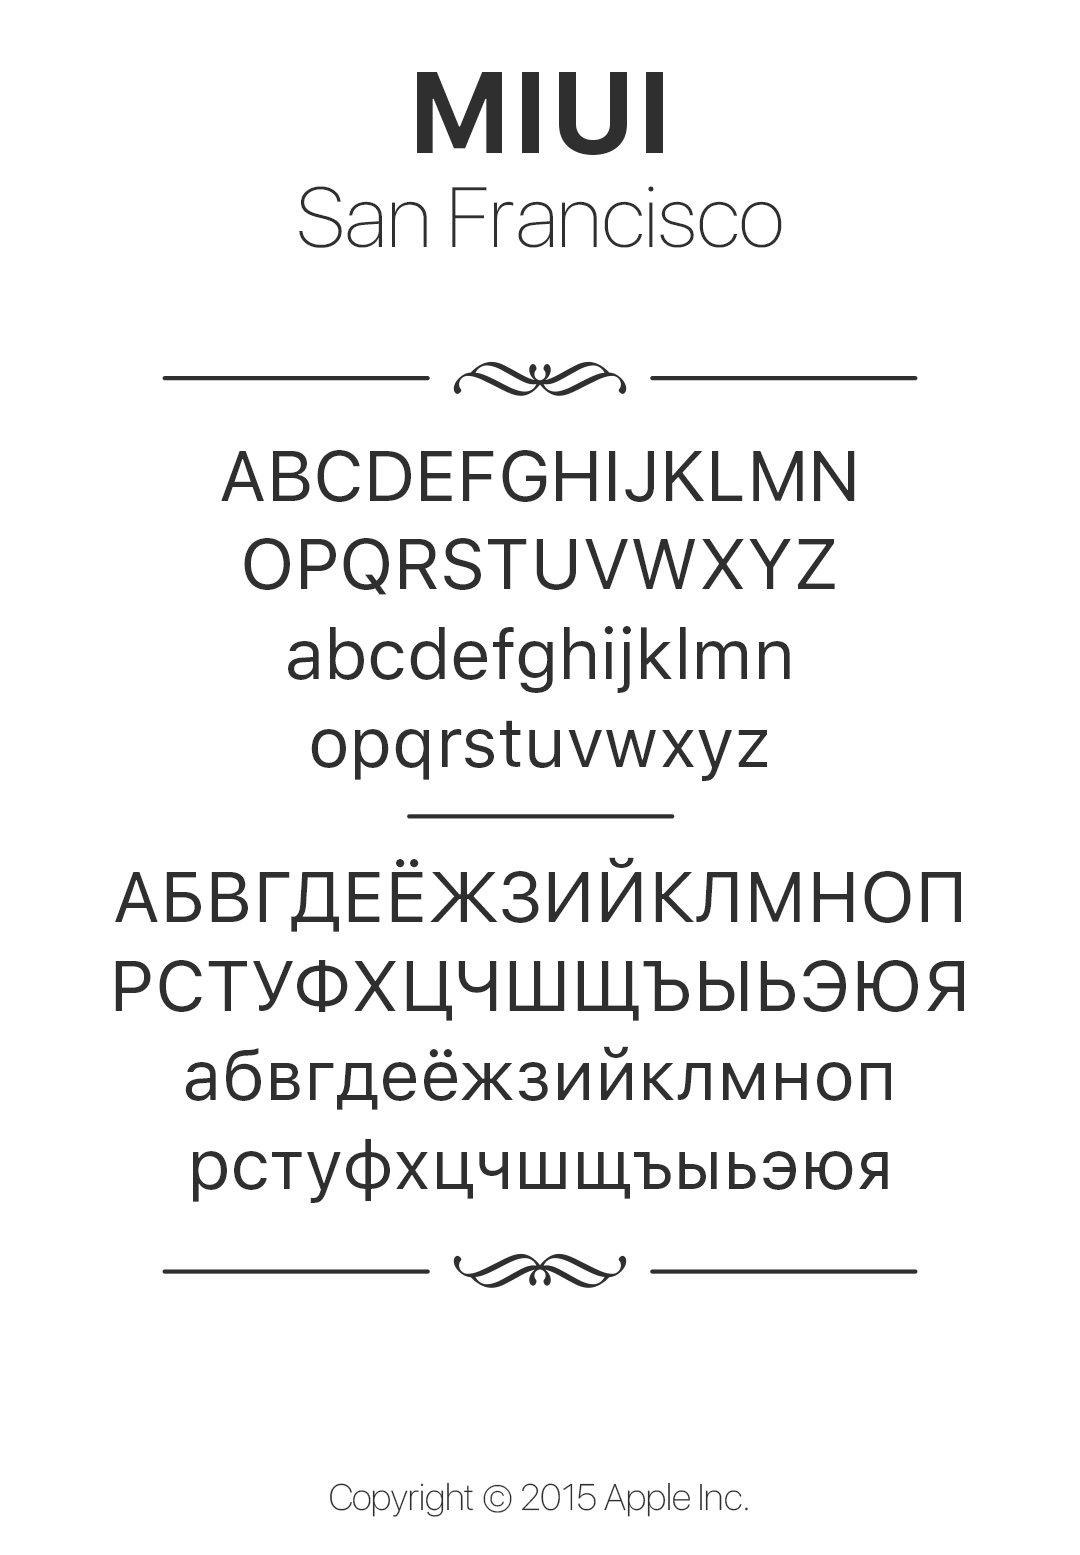 preview fonts big 0 12